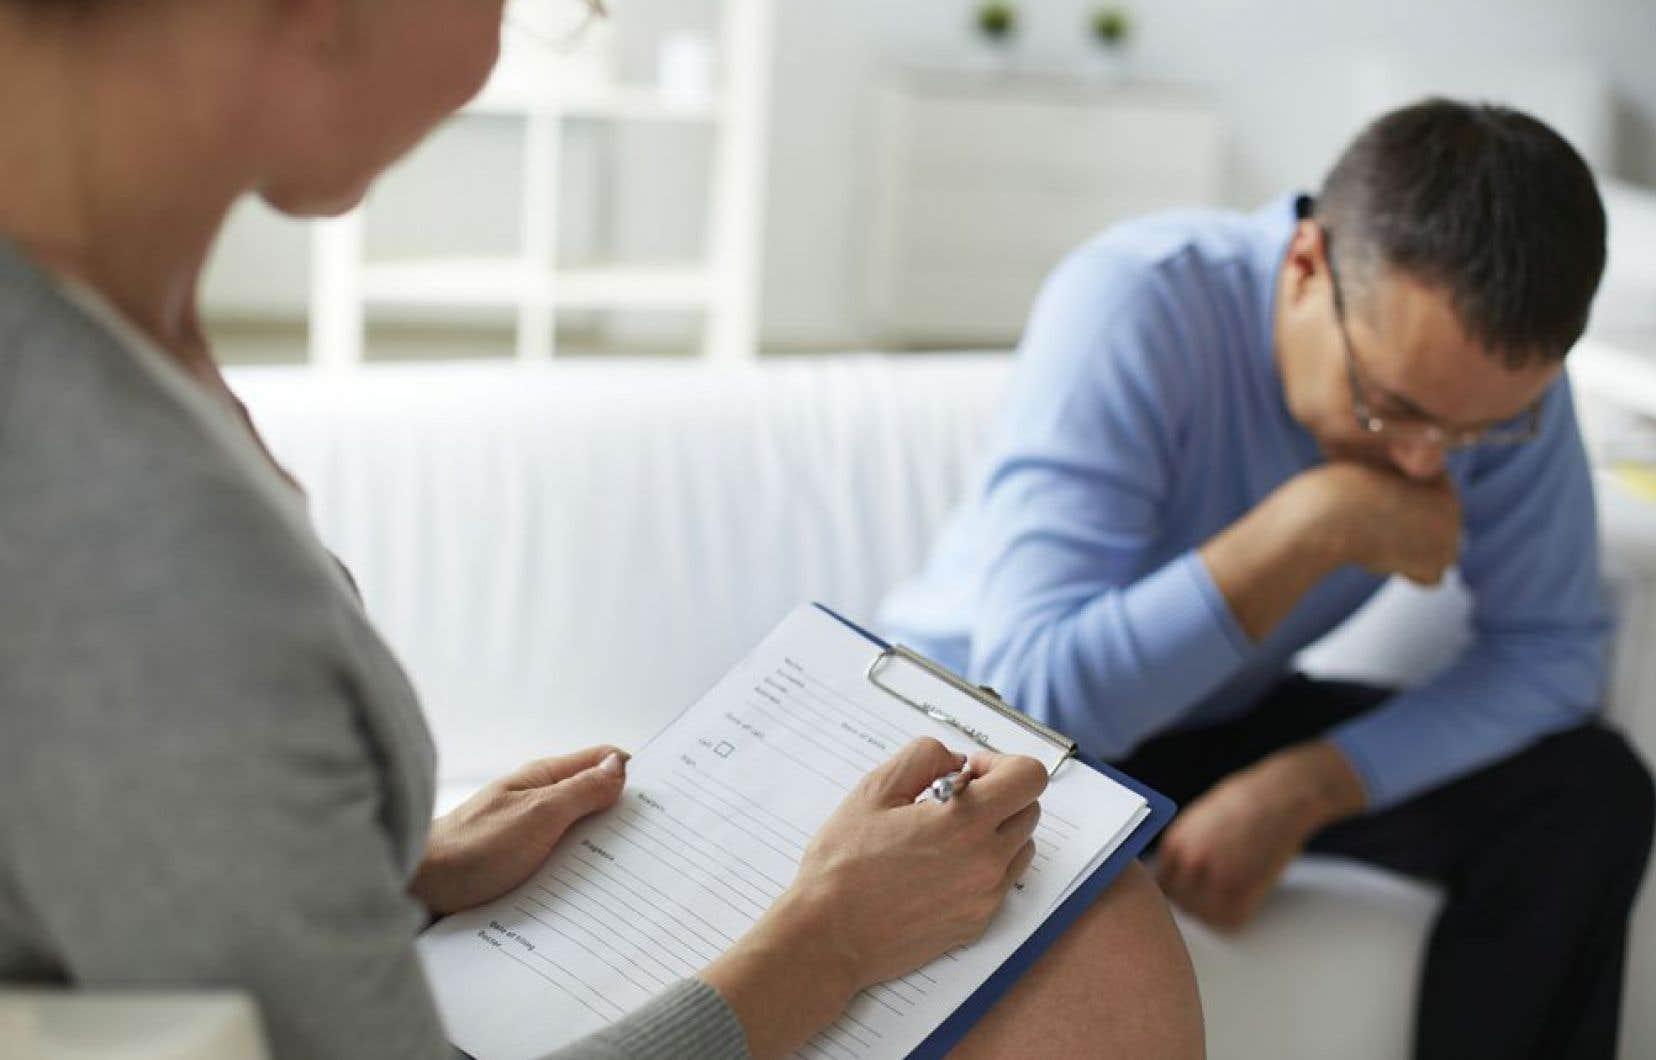 Depuis 2010, l'Ordre des psychologues du Québec a reçu 847 signalements.